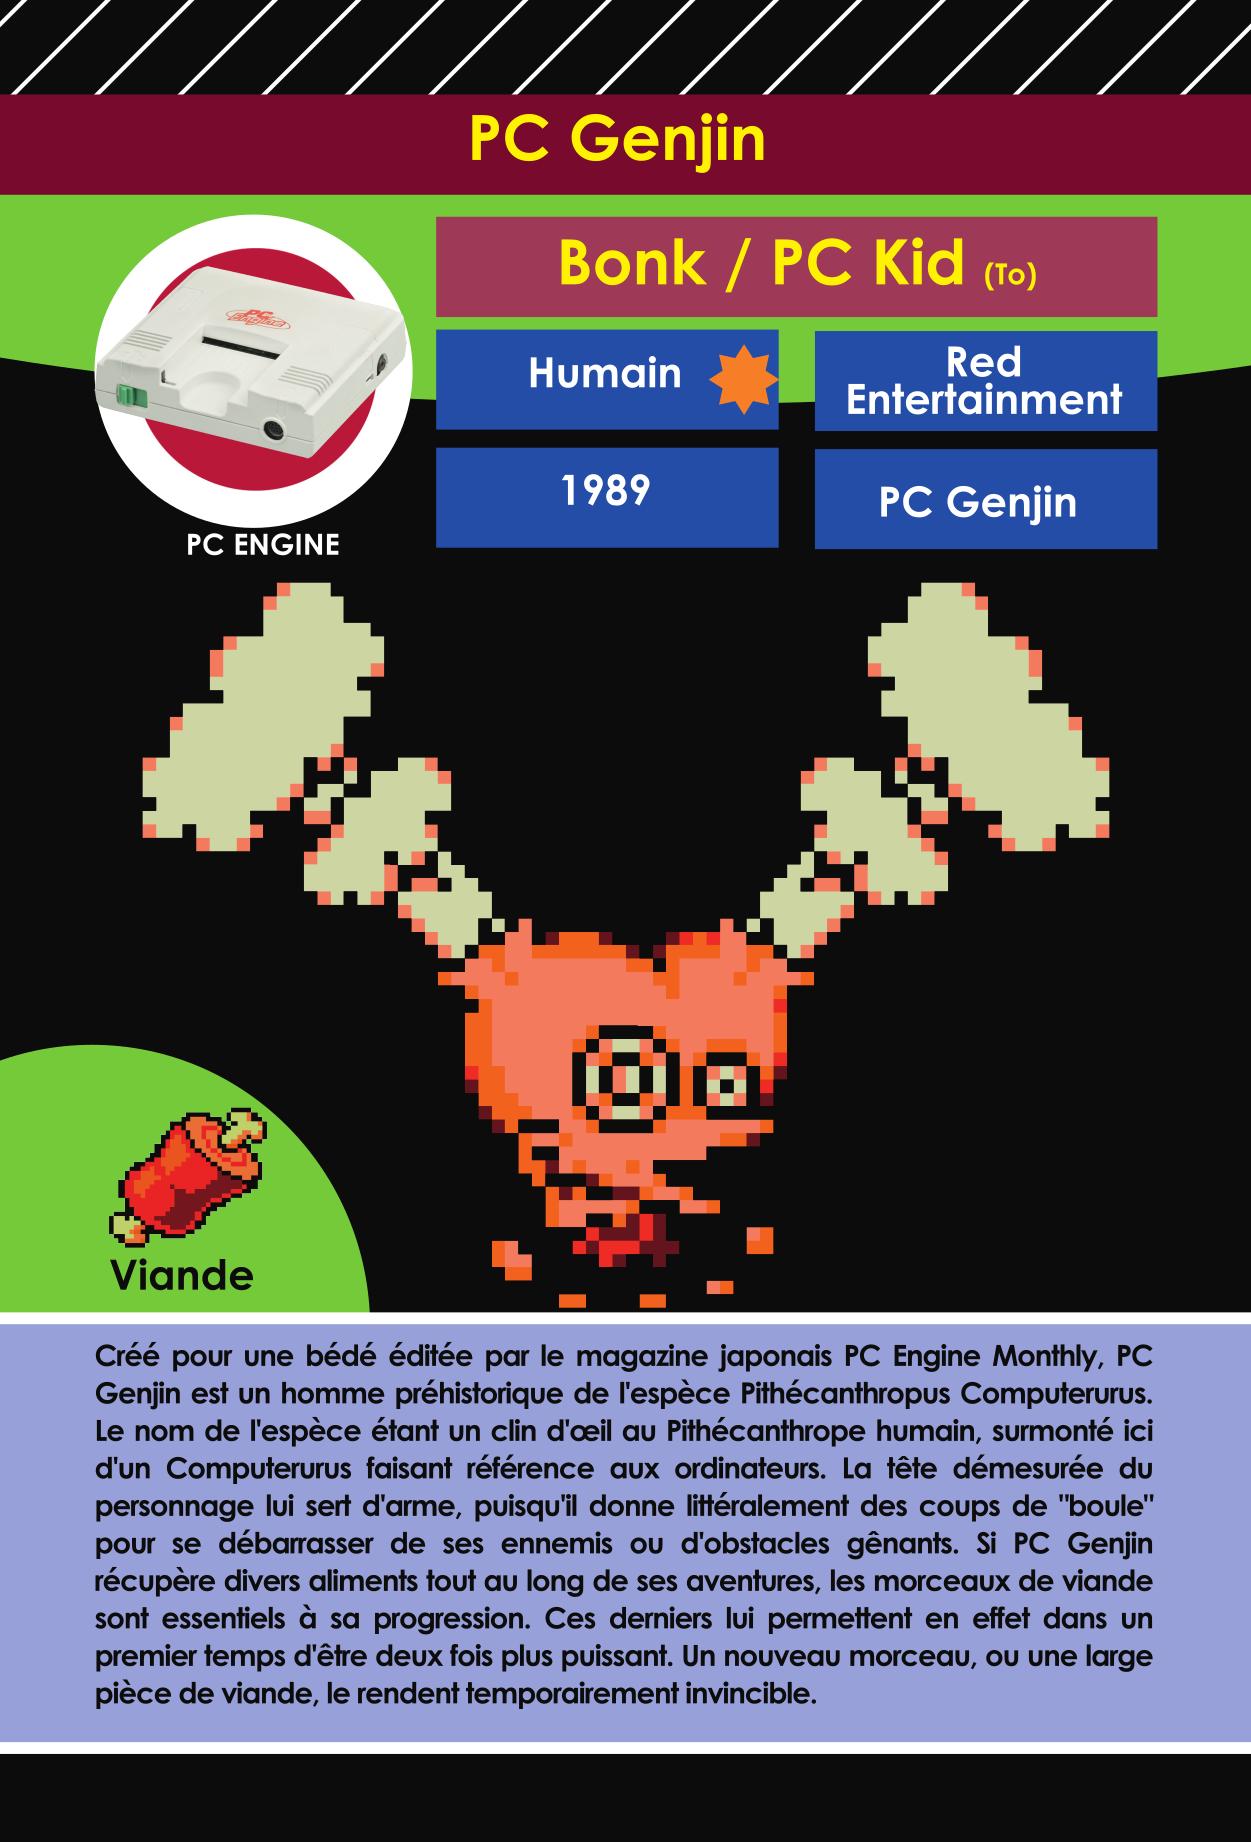 Fiche encyclopédie du jeu vidéo